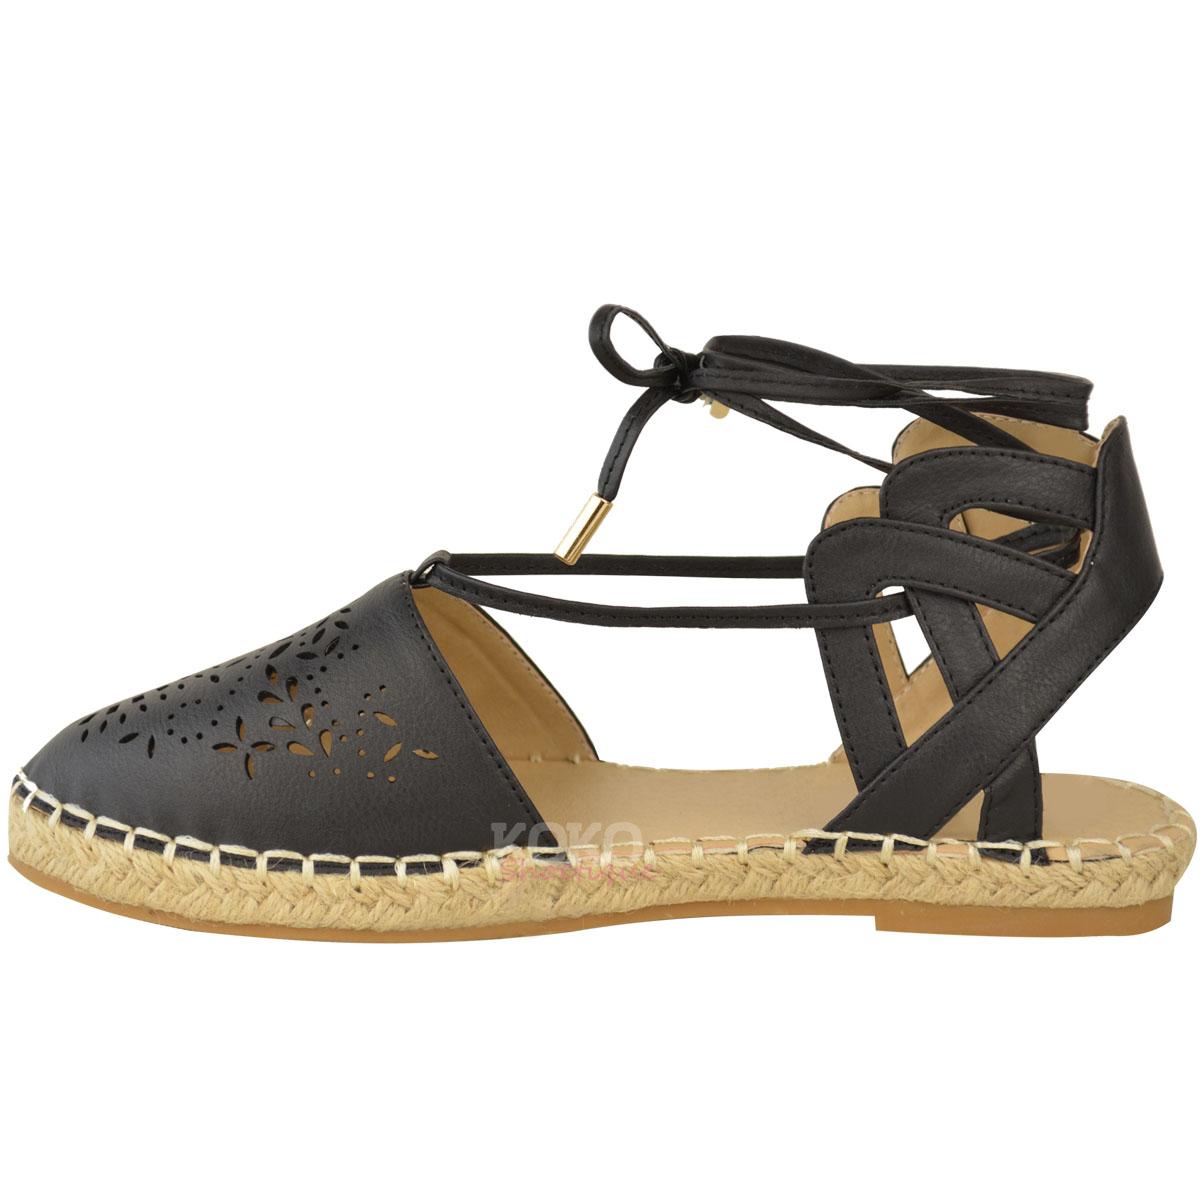 Original Clothes Shoes Amp Accessories Gt Women39s Shoes Gt Flats